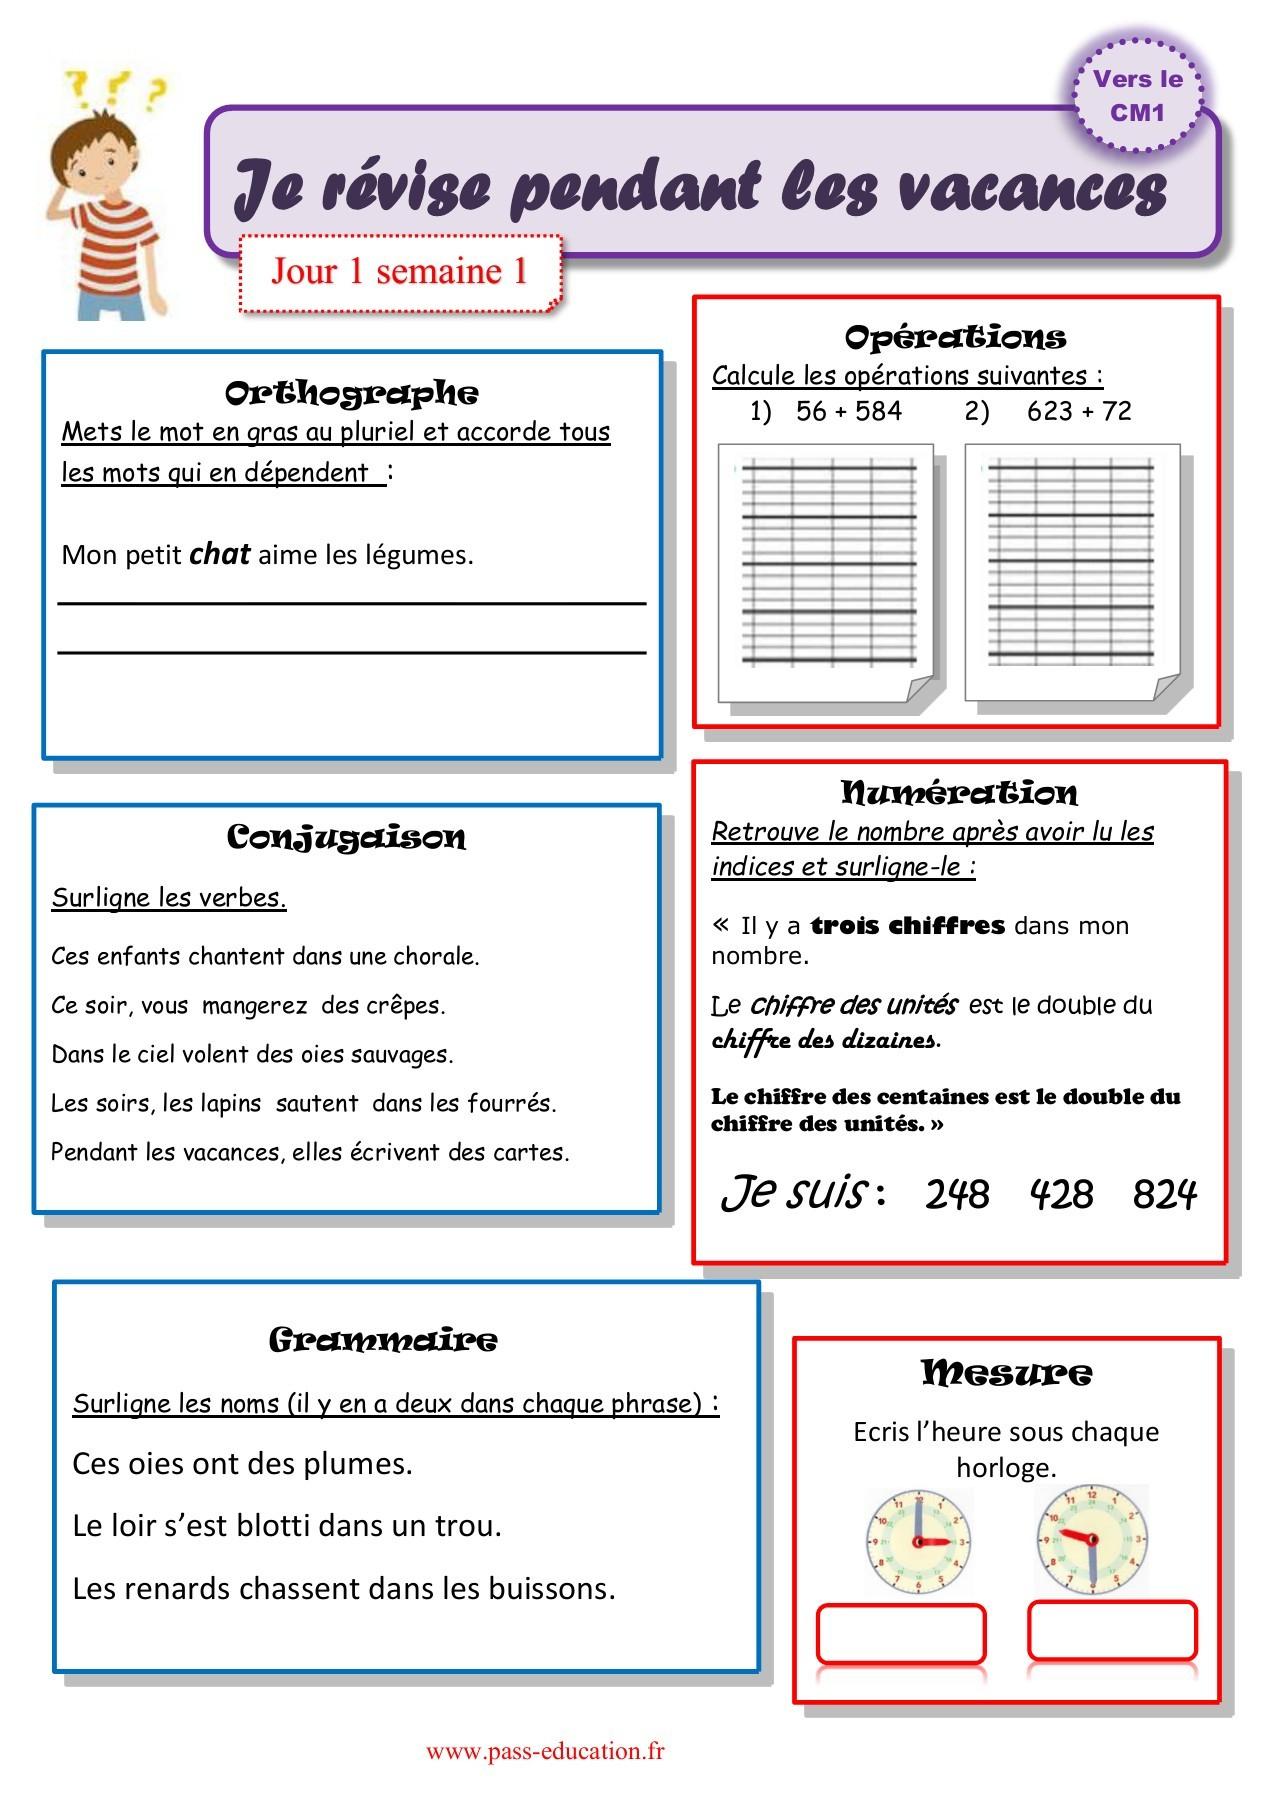 Cahier De Vacances Gratuit À Imprimer - Ce2 Vers Le Cm1 concernant Cahier De Vacances Adultes Gratuit